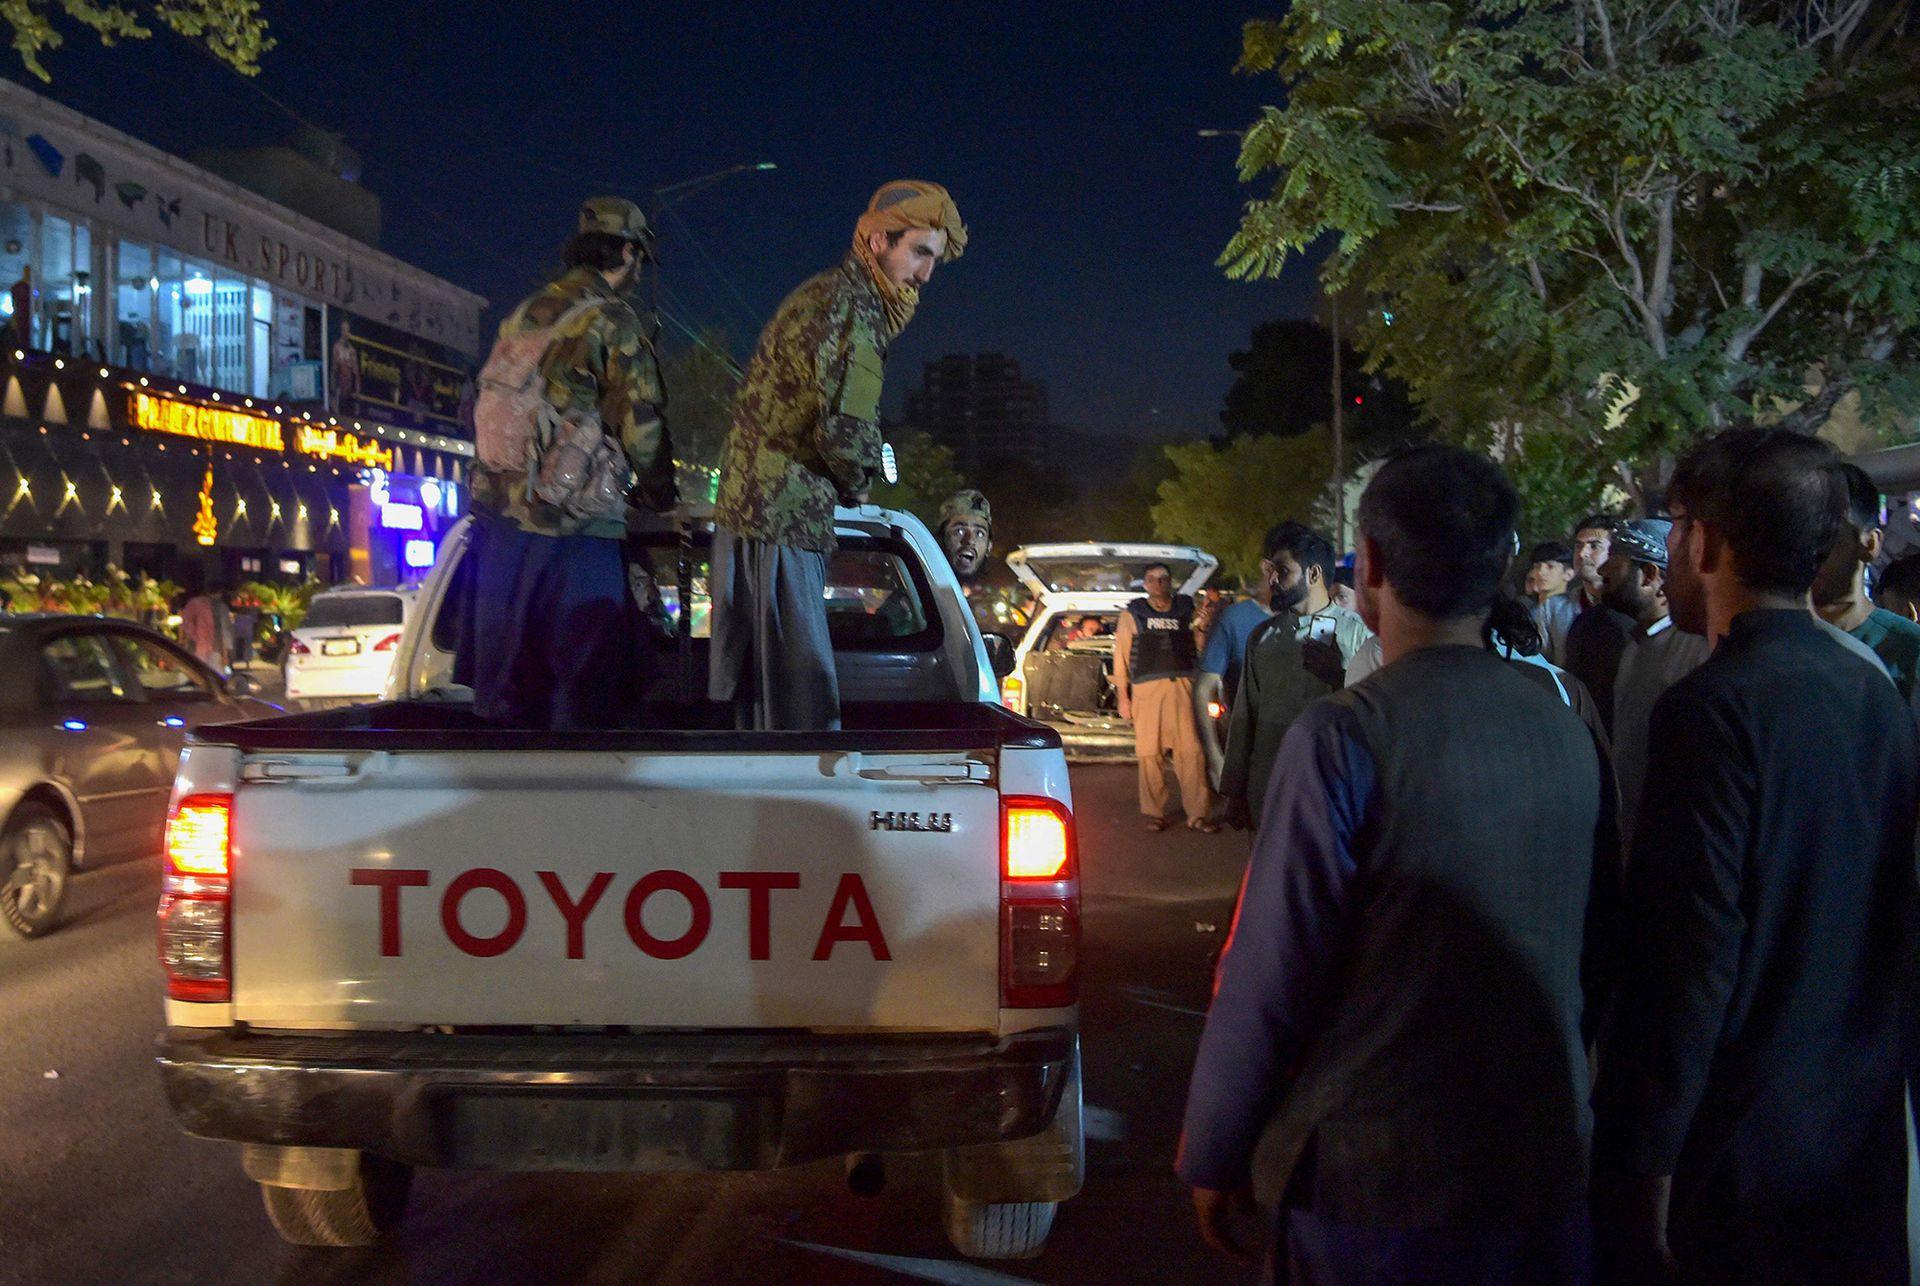 Combatientes talibanes se trasladan en una camioneta mientras los voluntarios traen a los heridos para recibir tratamiento después de poderosas explosiones, que mataron al menos a una decena de personas, fuera del aeropuerto de Kabul